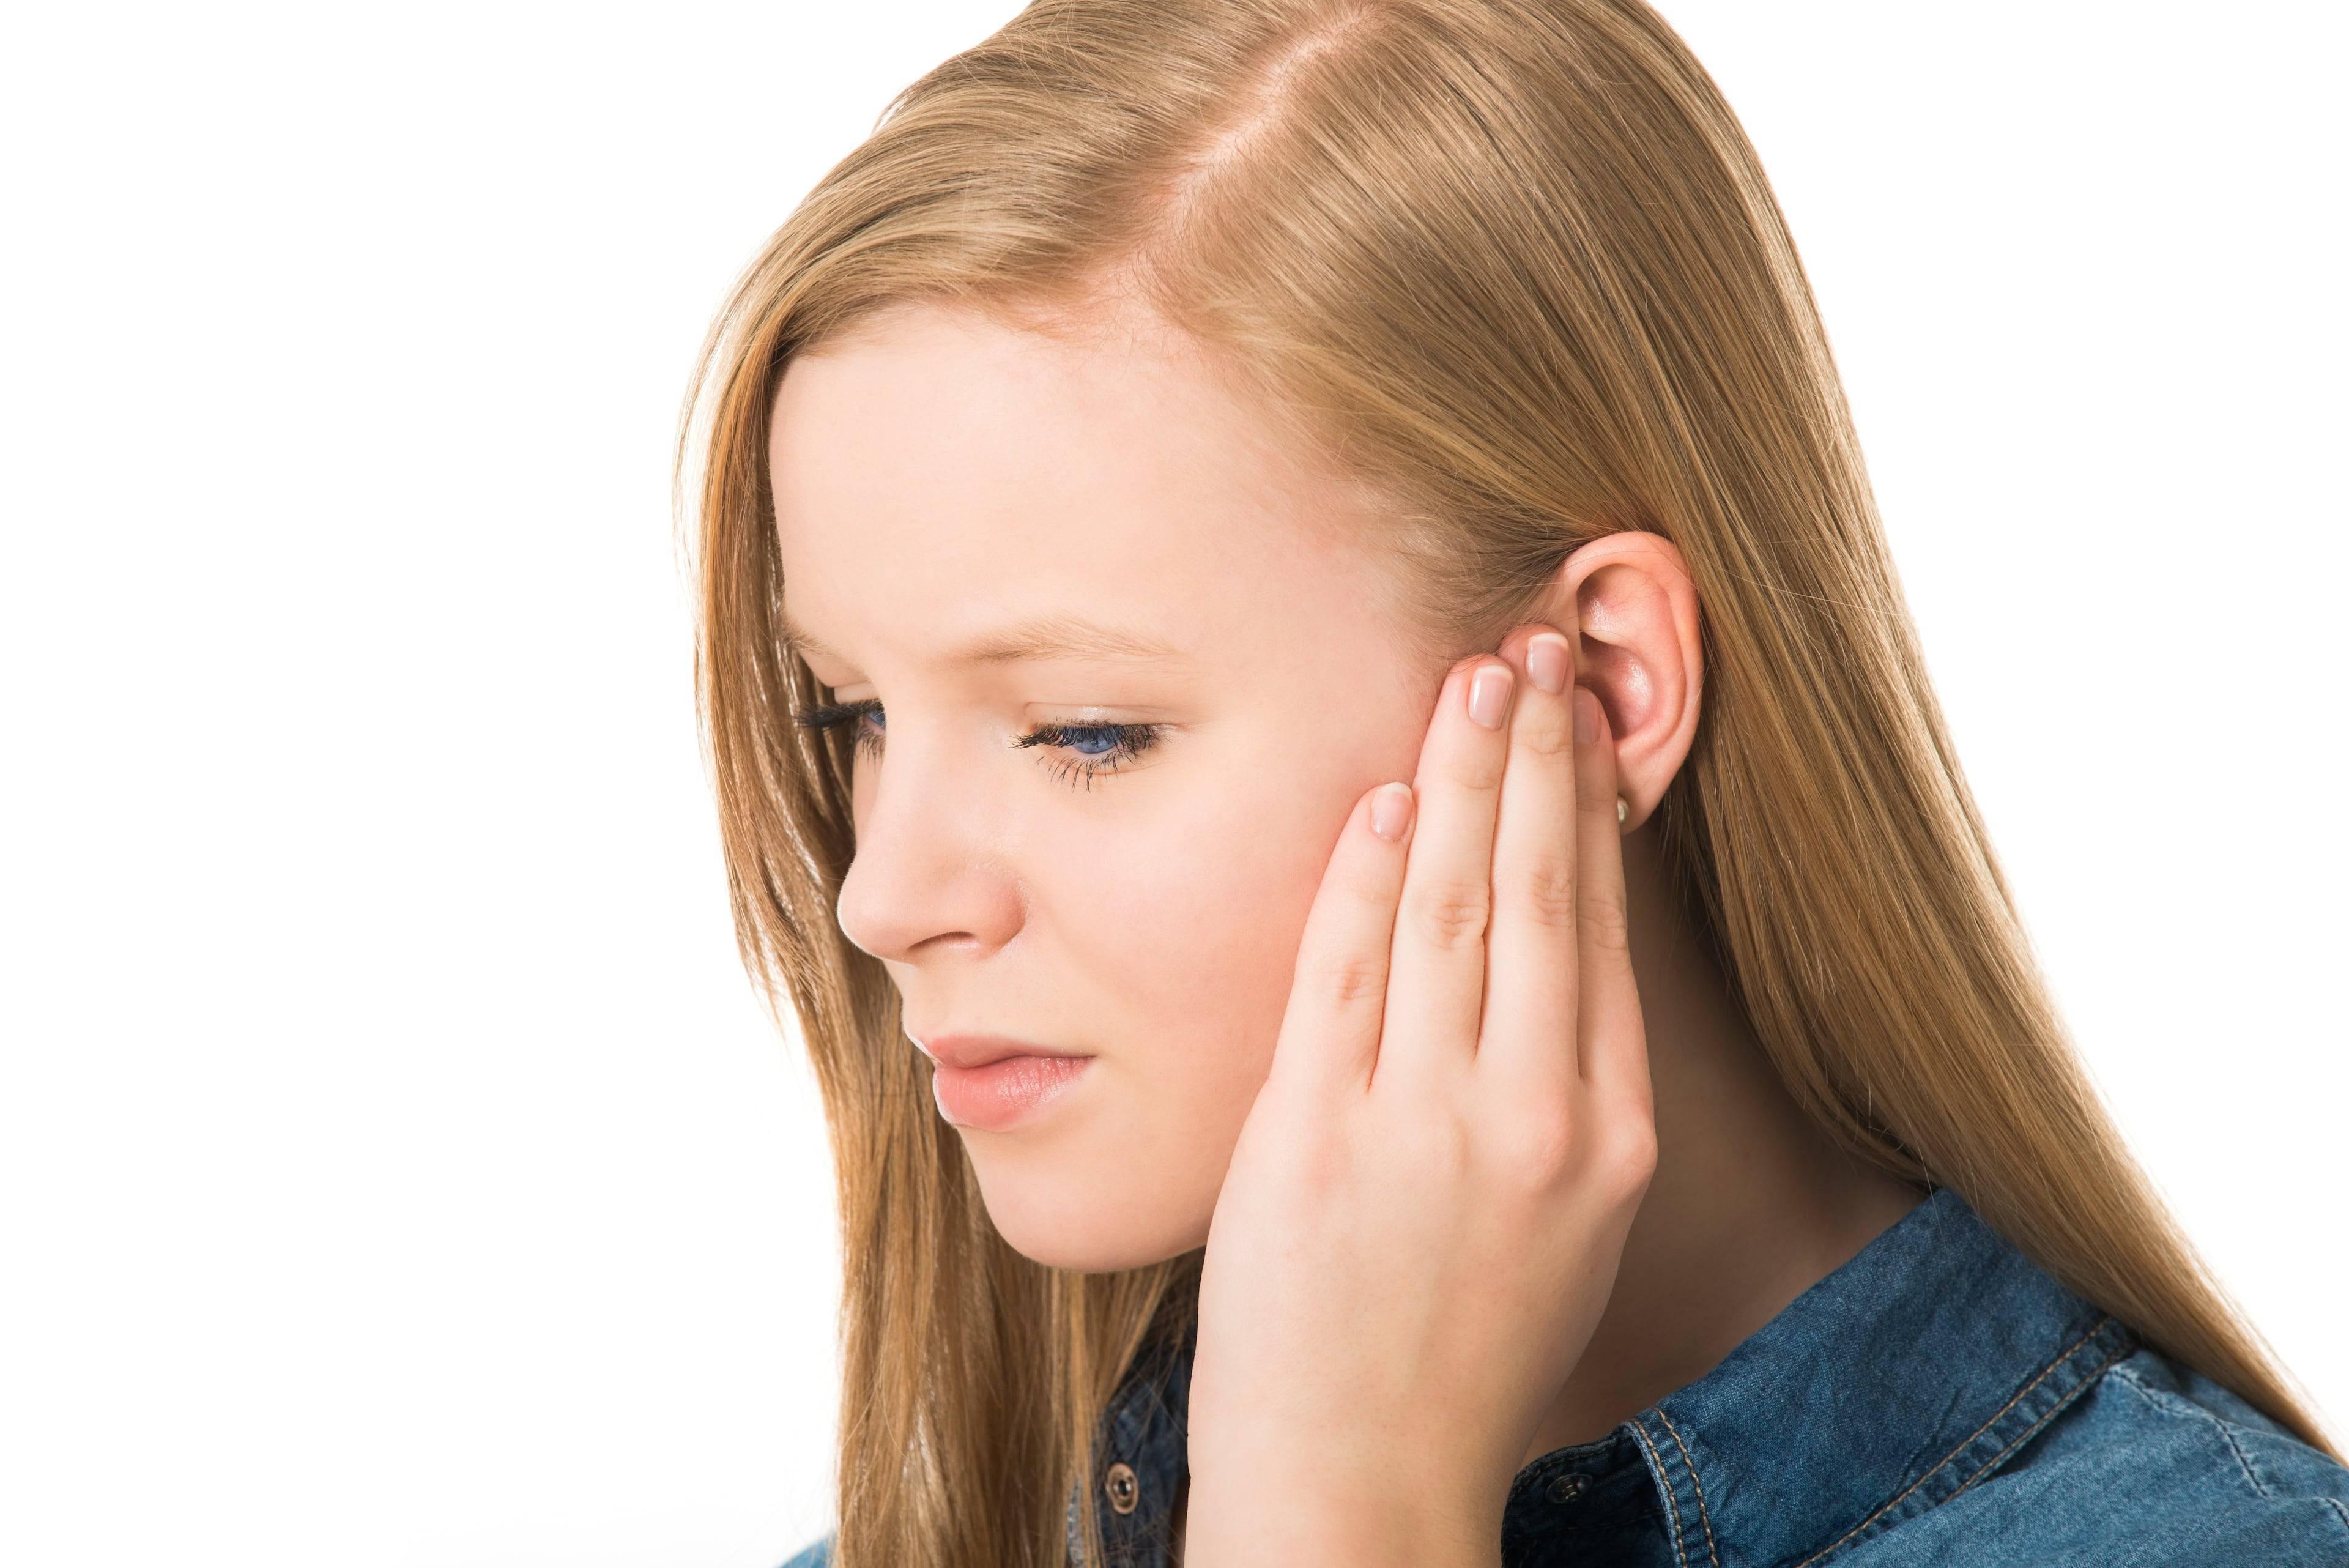 Что делать, если болят уши? почему болят уши?